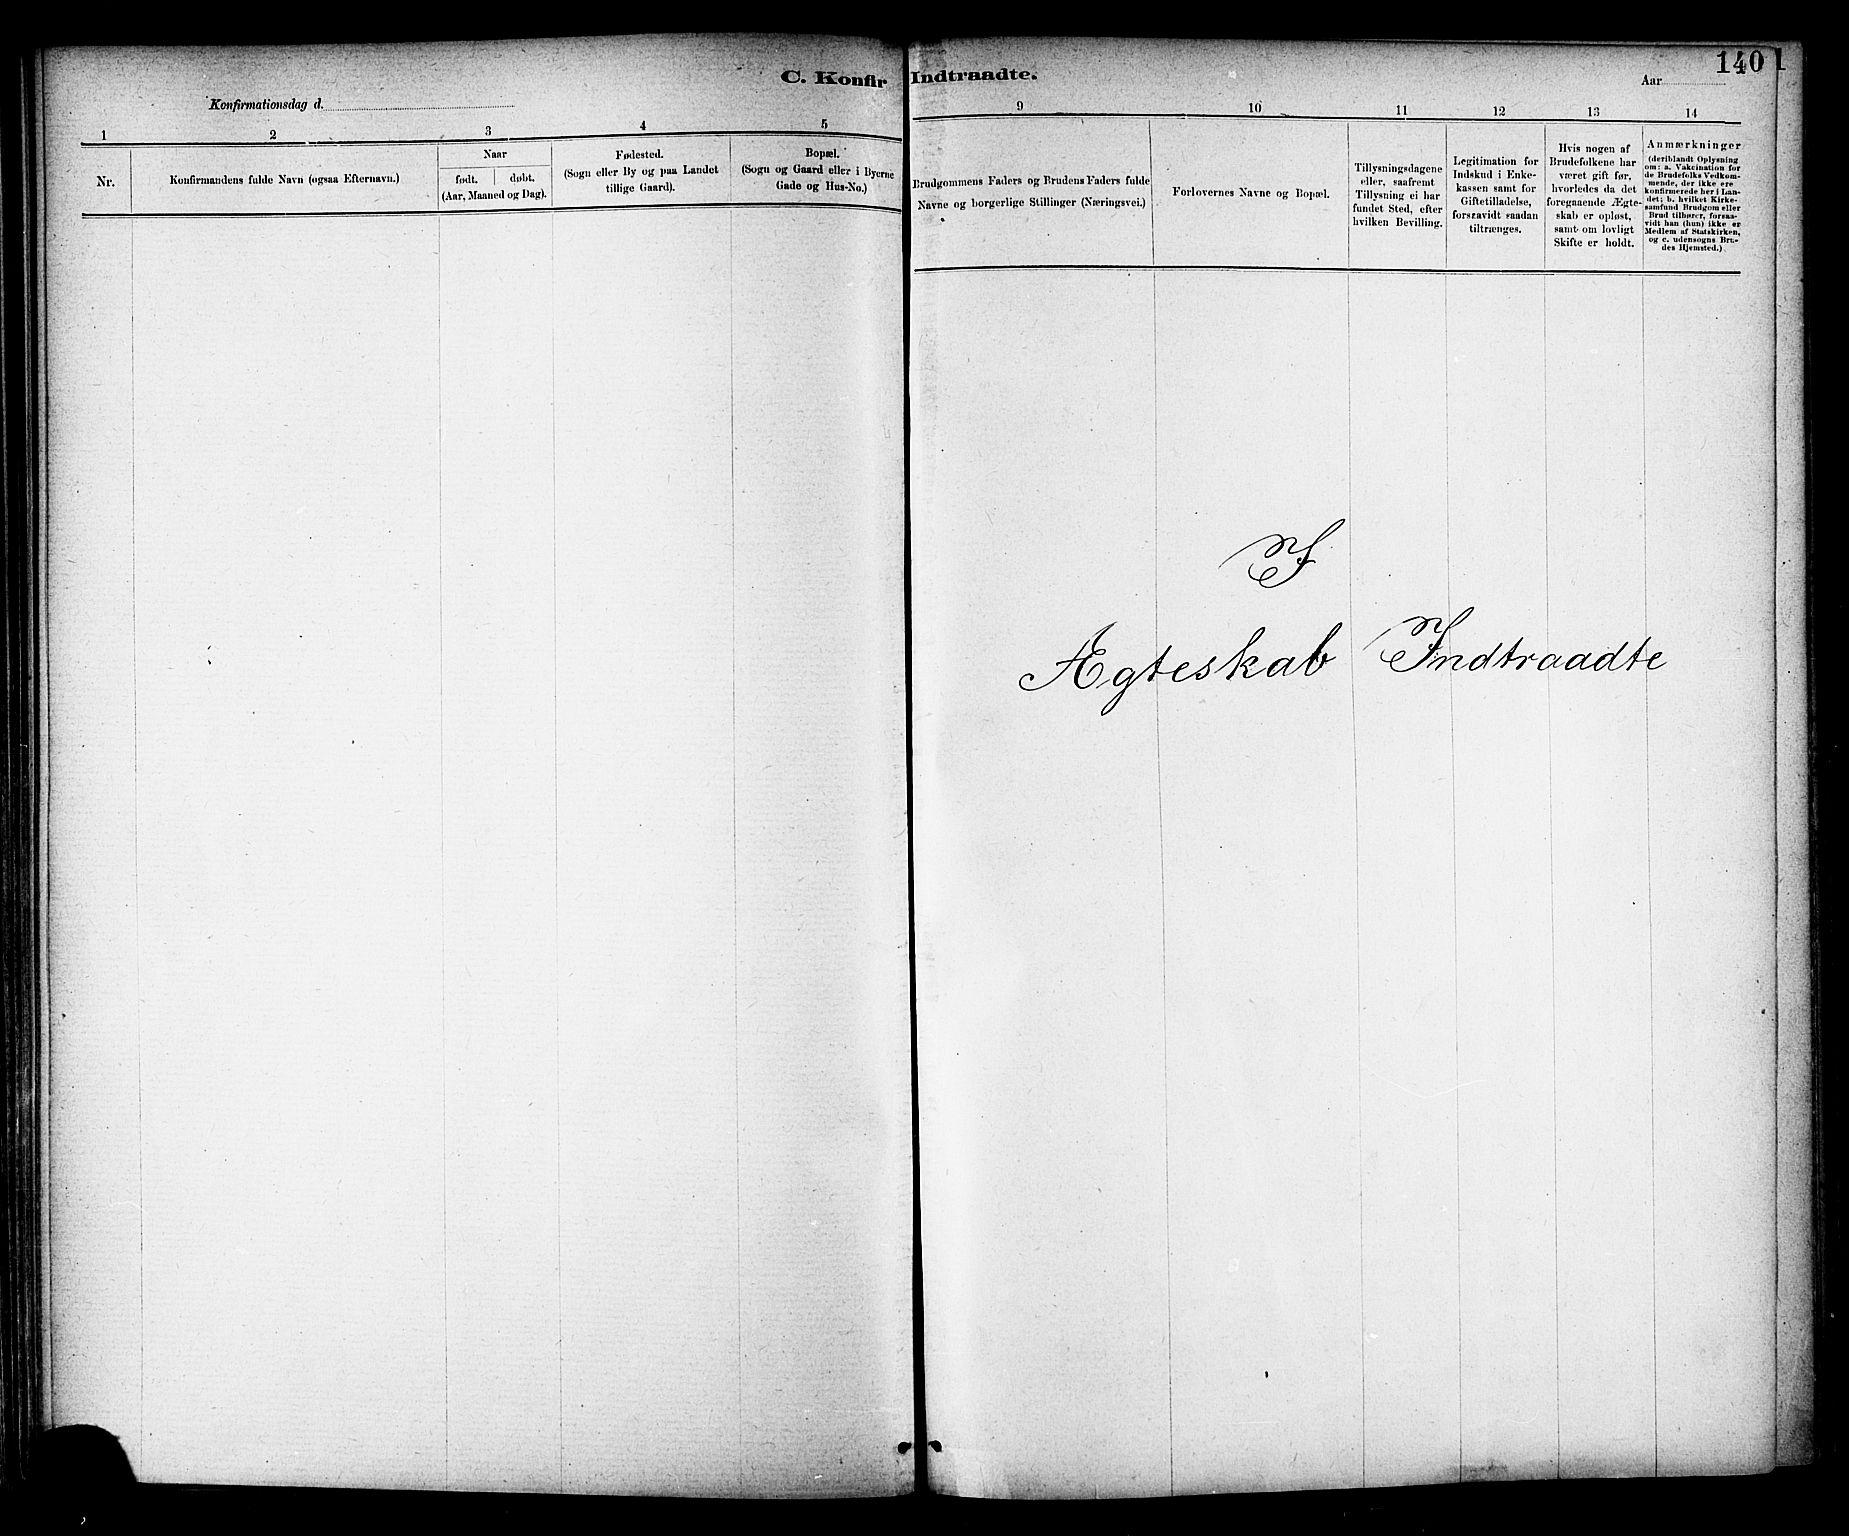 SAT, Ministerialprotokoller, klokkerbøker og fødselsregistre - Nord-Trøndelag, 703/L0030: Ministerialbok nr. 703A03, 1880-1892, s. 140